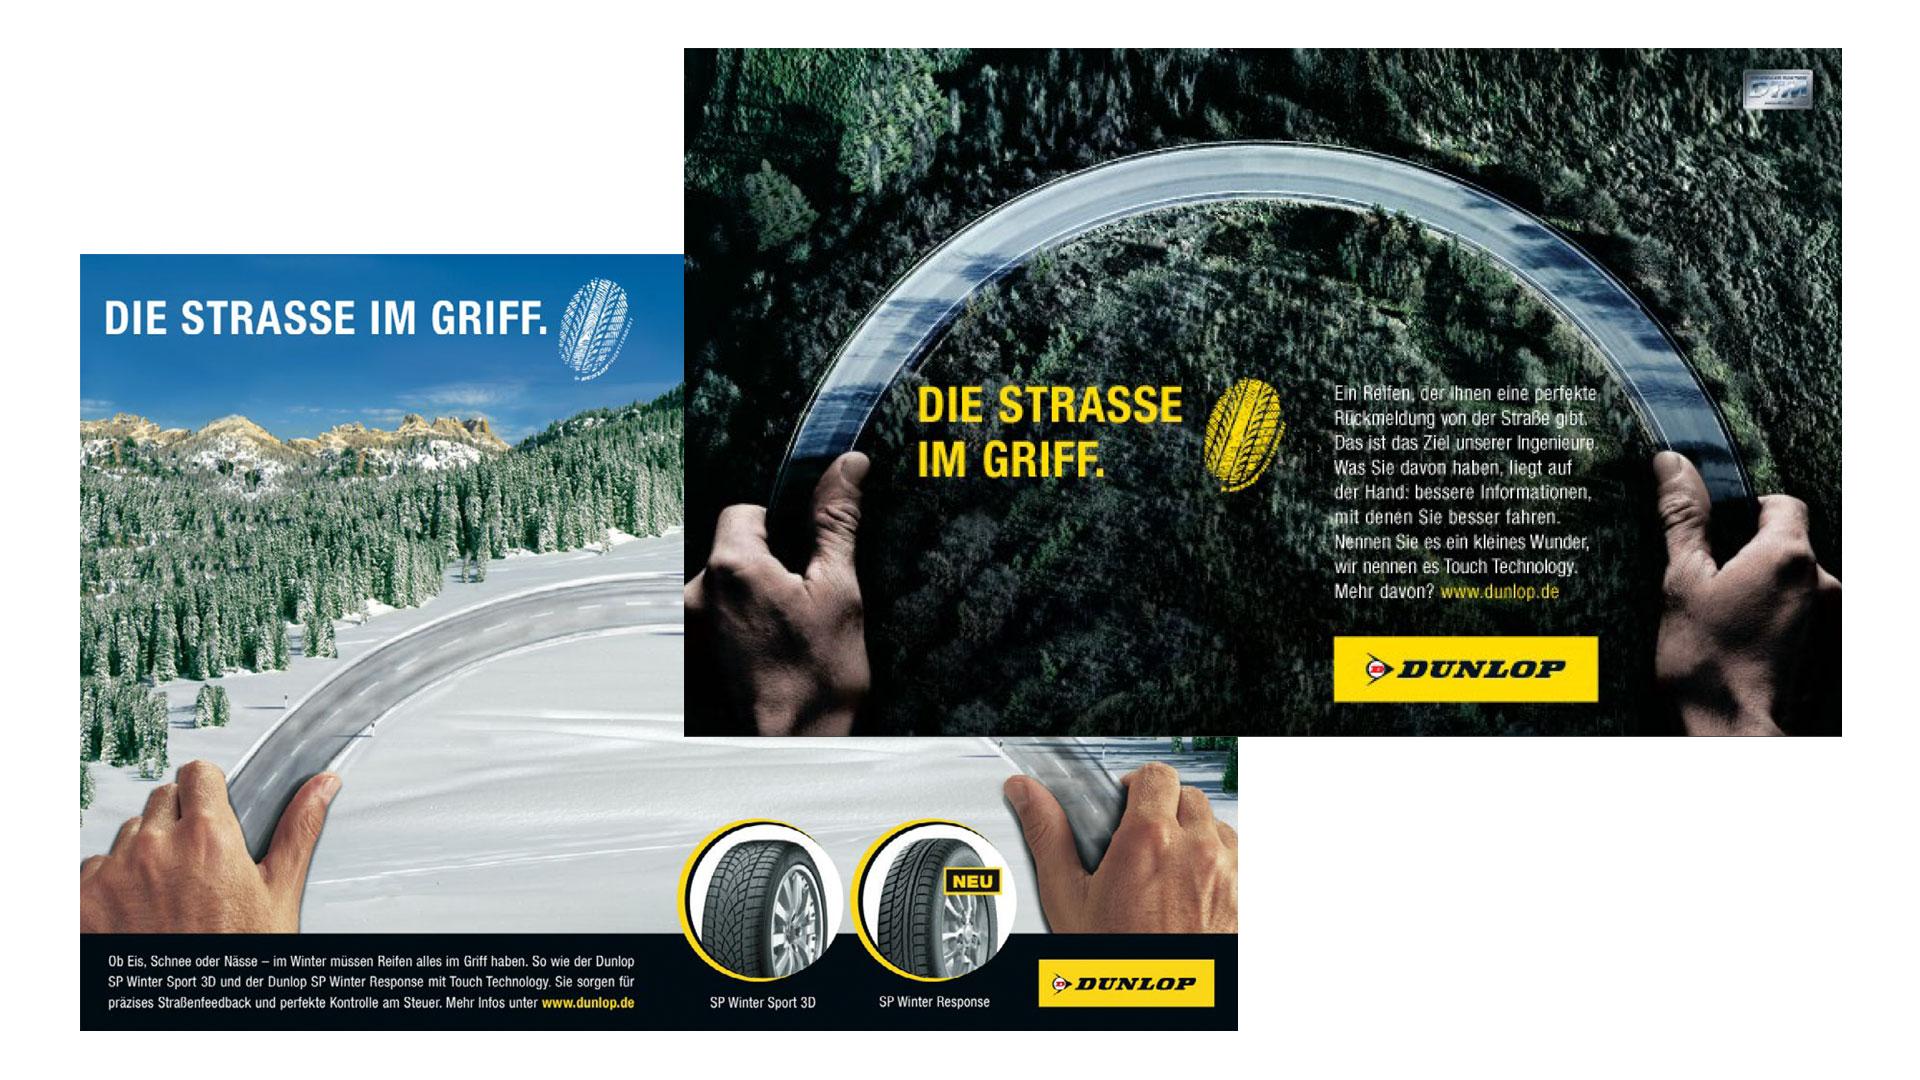 Dunlop Imageanzeigen